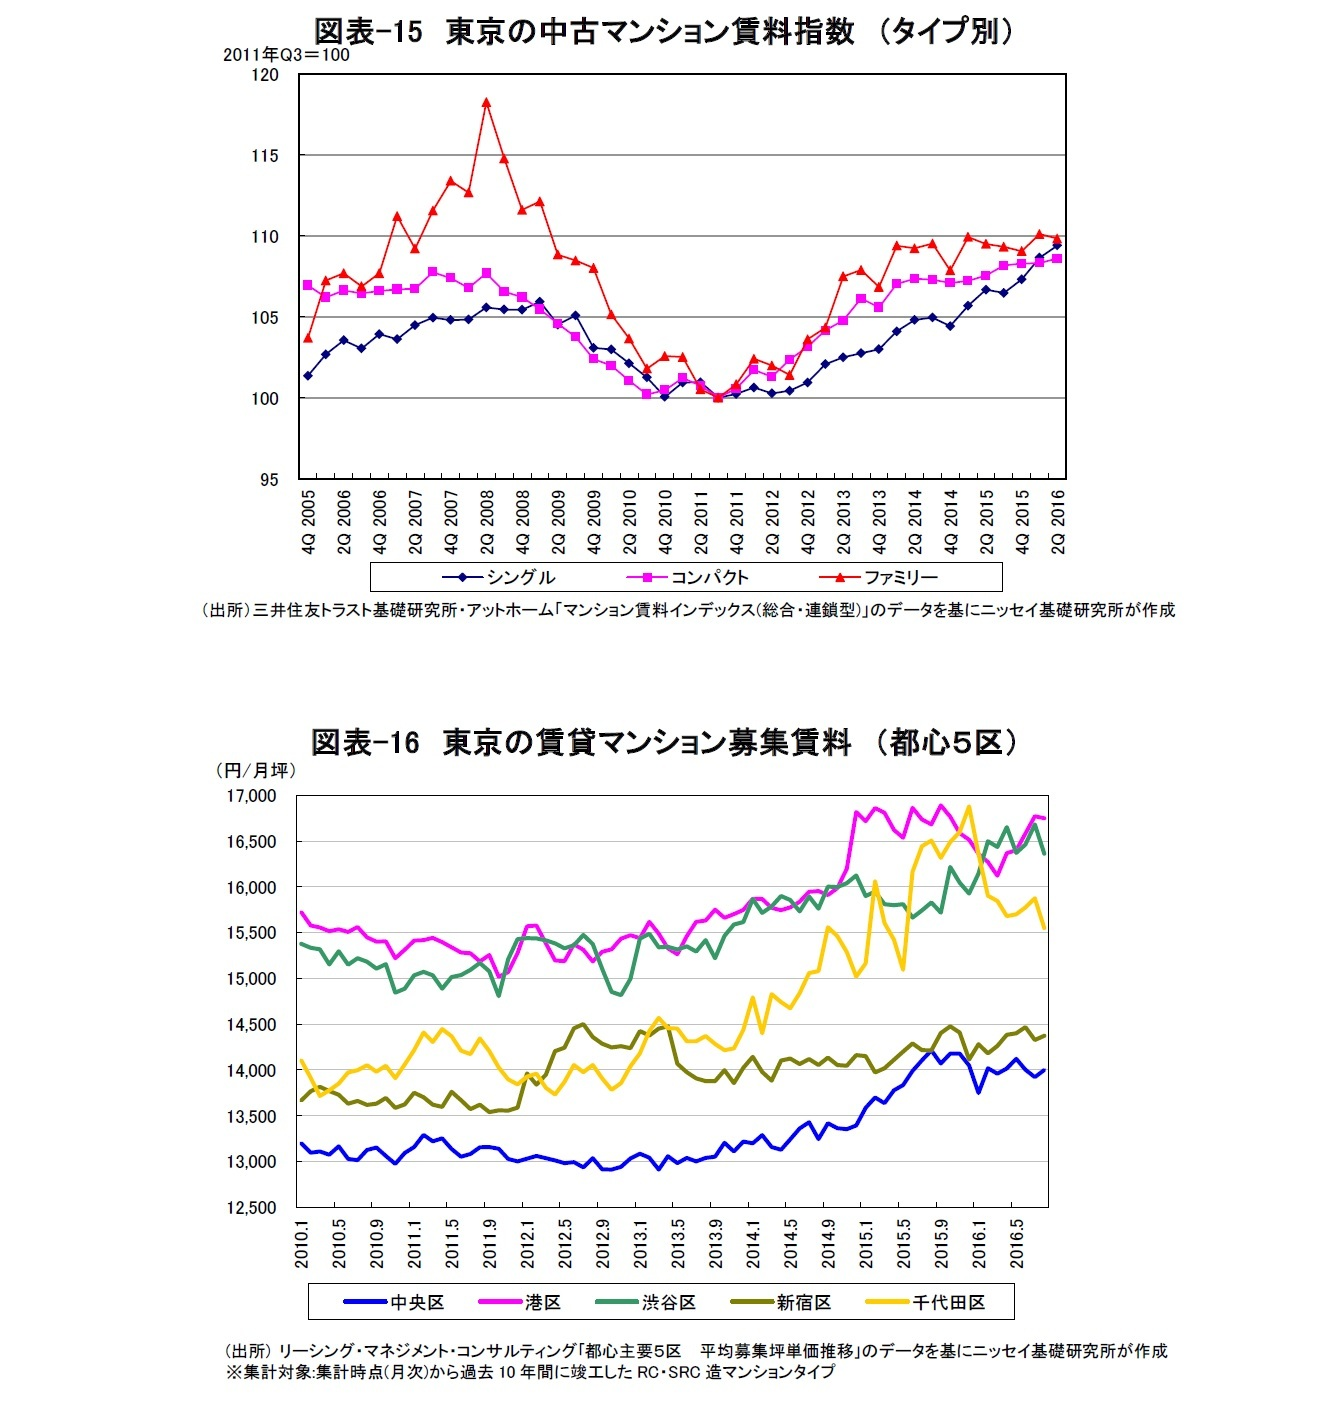 図表-15 東京の中古マンション賃料指数 (タイプ別)/図表-16 東京の賃貸マンション募集賃料 (都心5区)